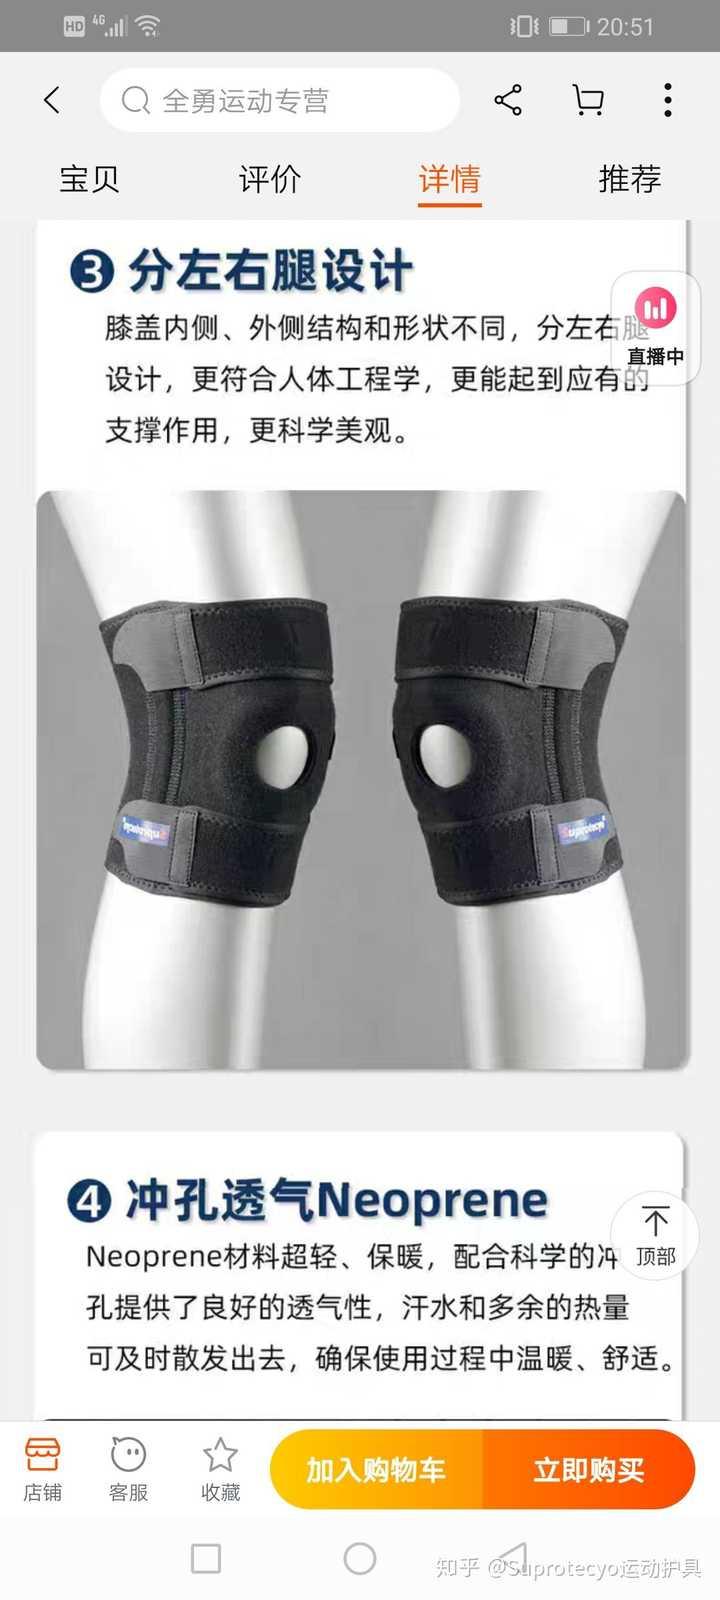 准者篮球护膝和李宁篮球护膝哪个好点?